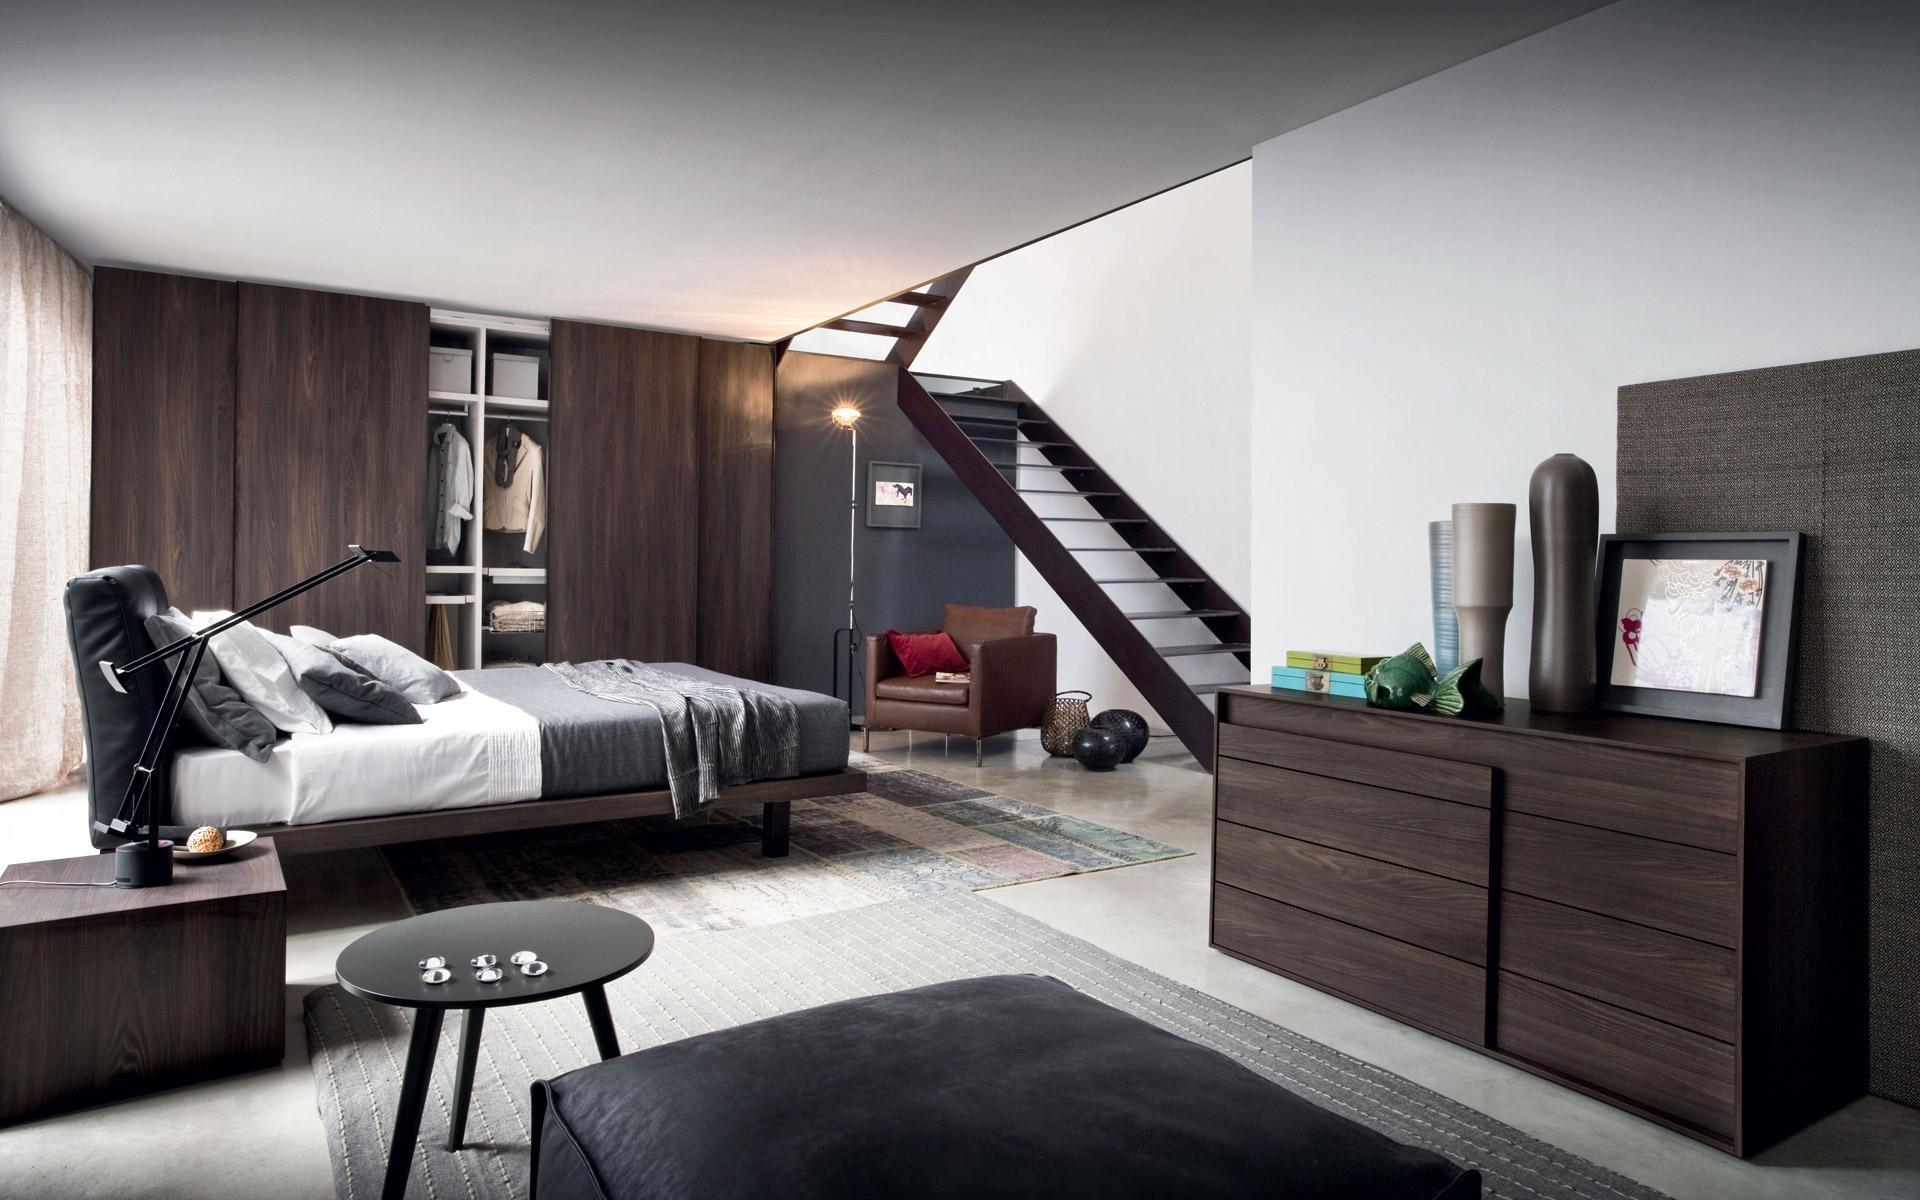 Disegno letto mansarda da camera for Illuminazione camera da letto matrimoniale